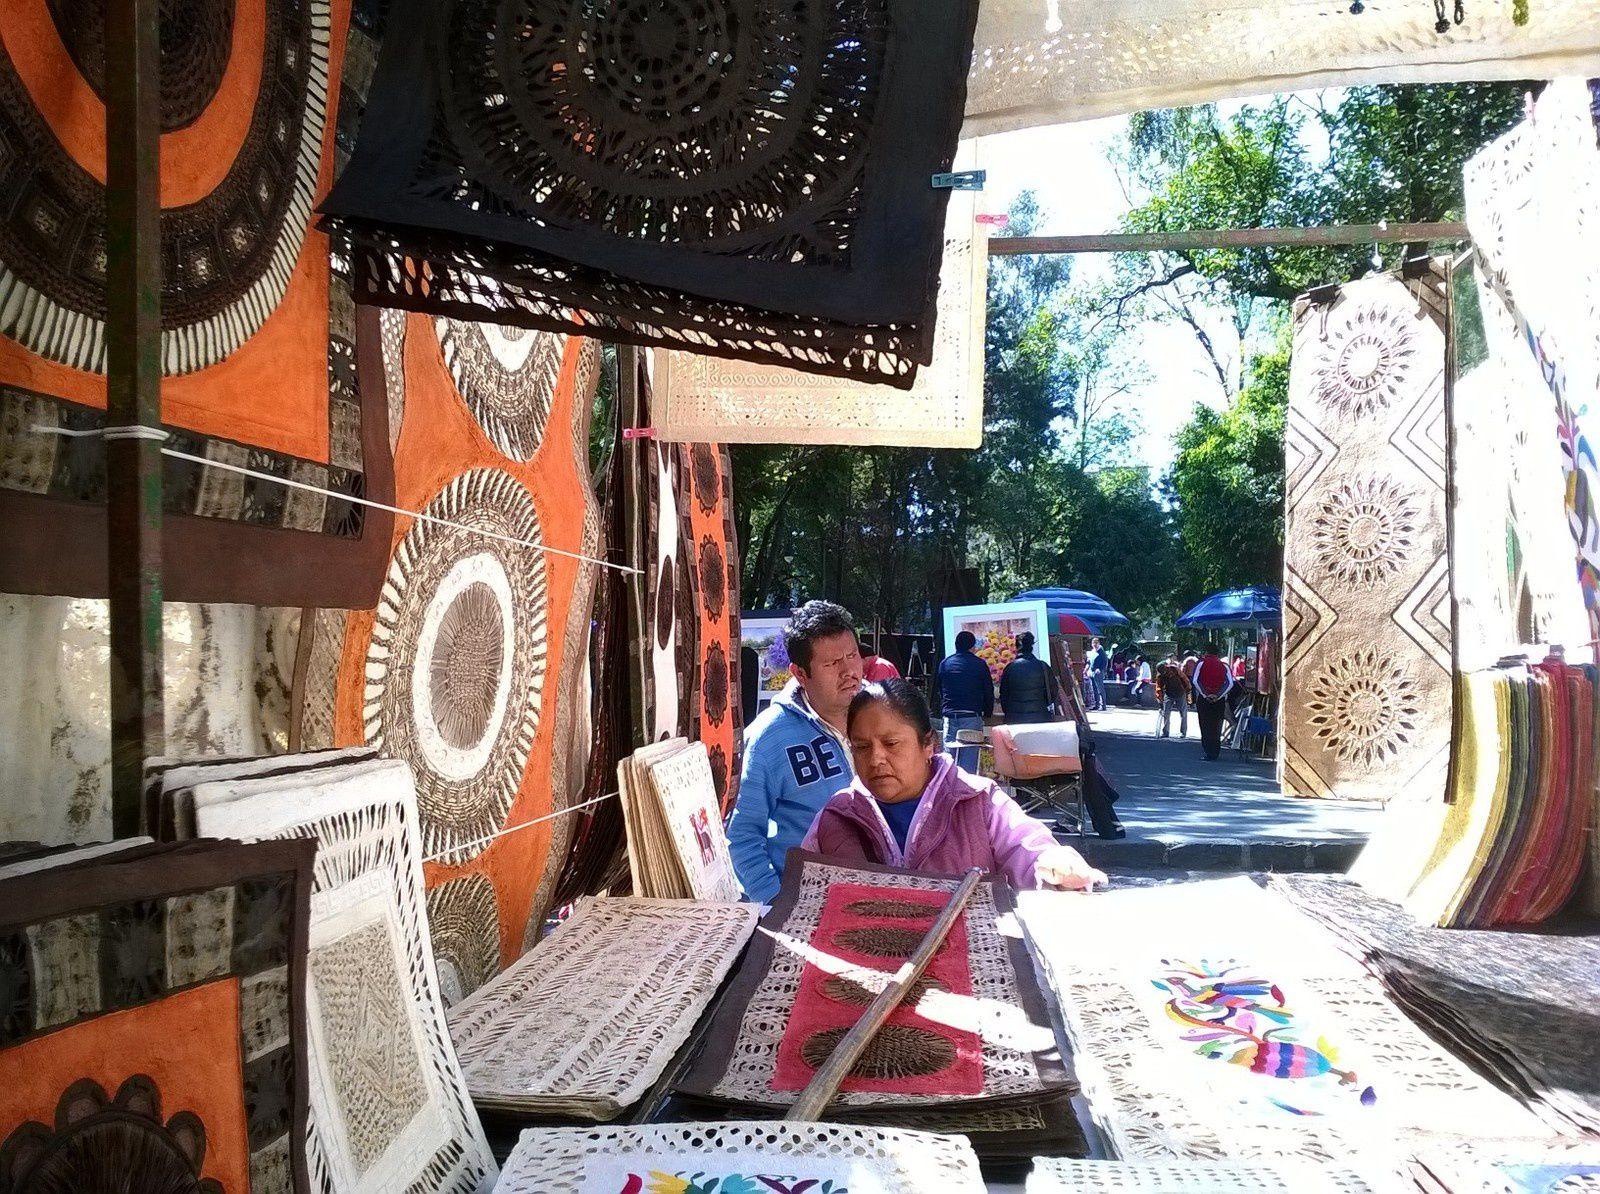 Le marché artisanal de WE de San Angel en photos